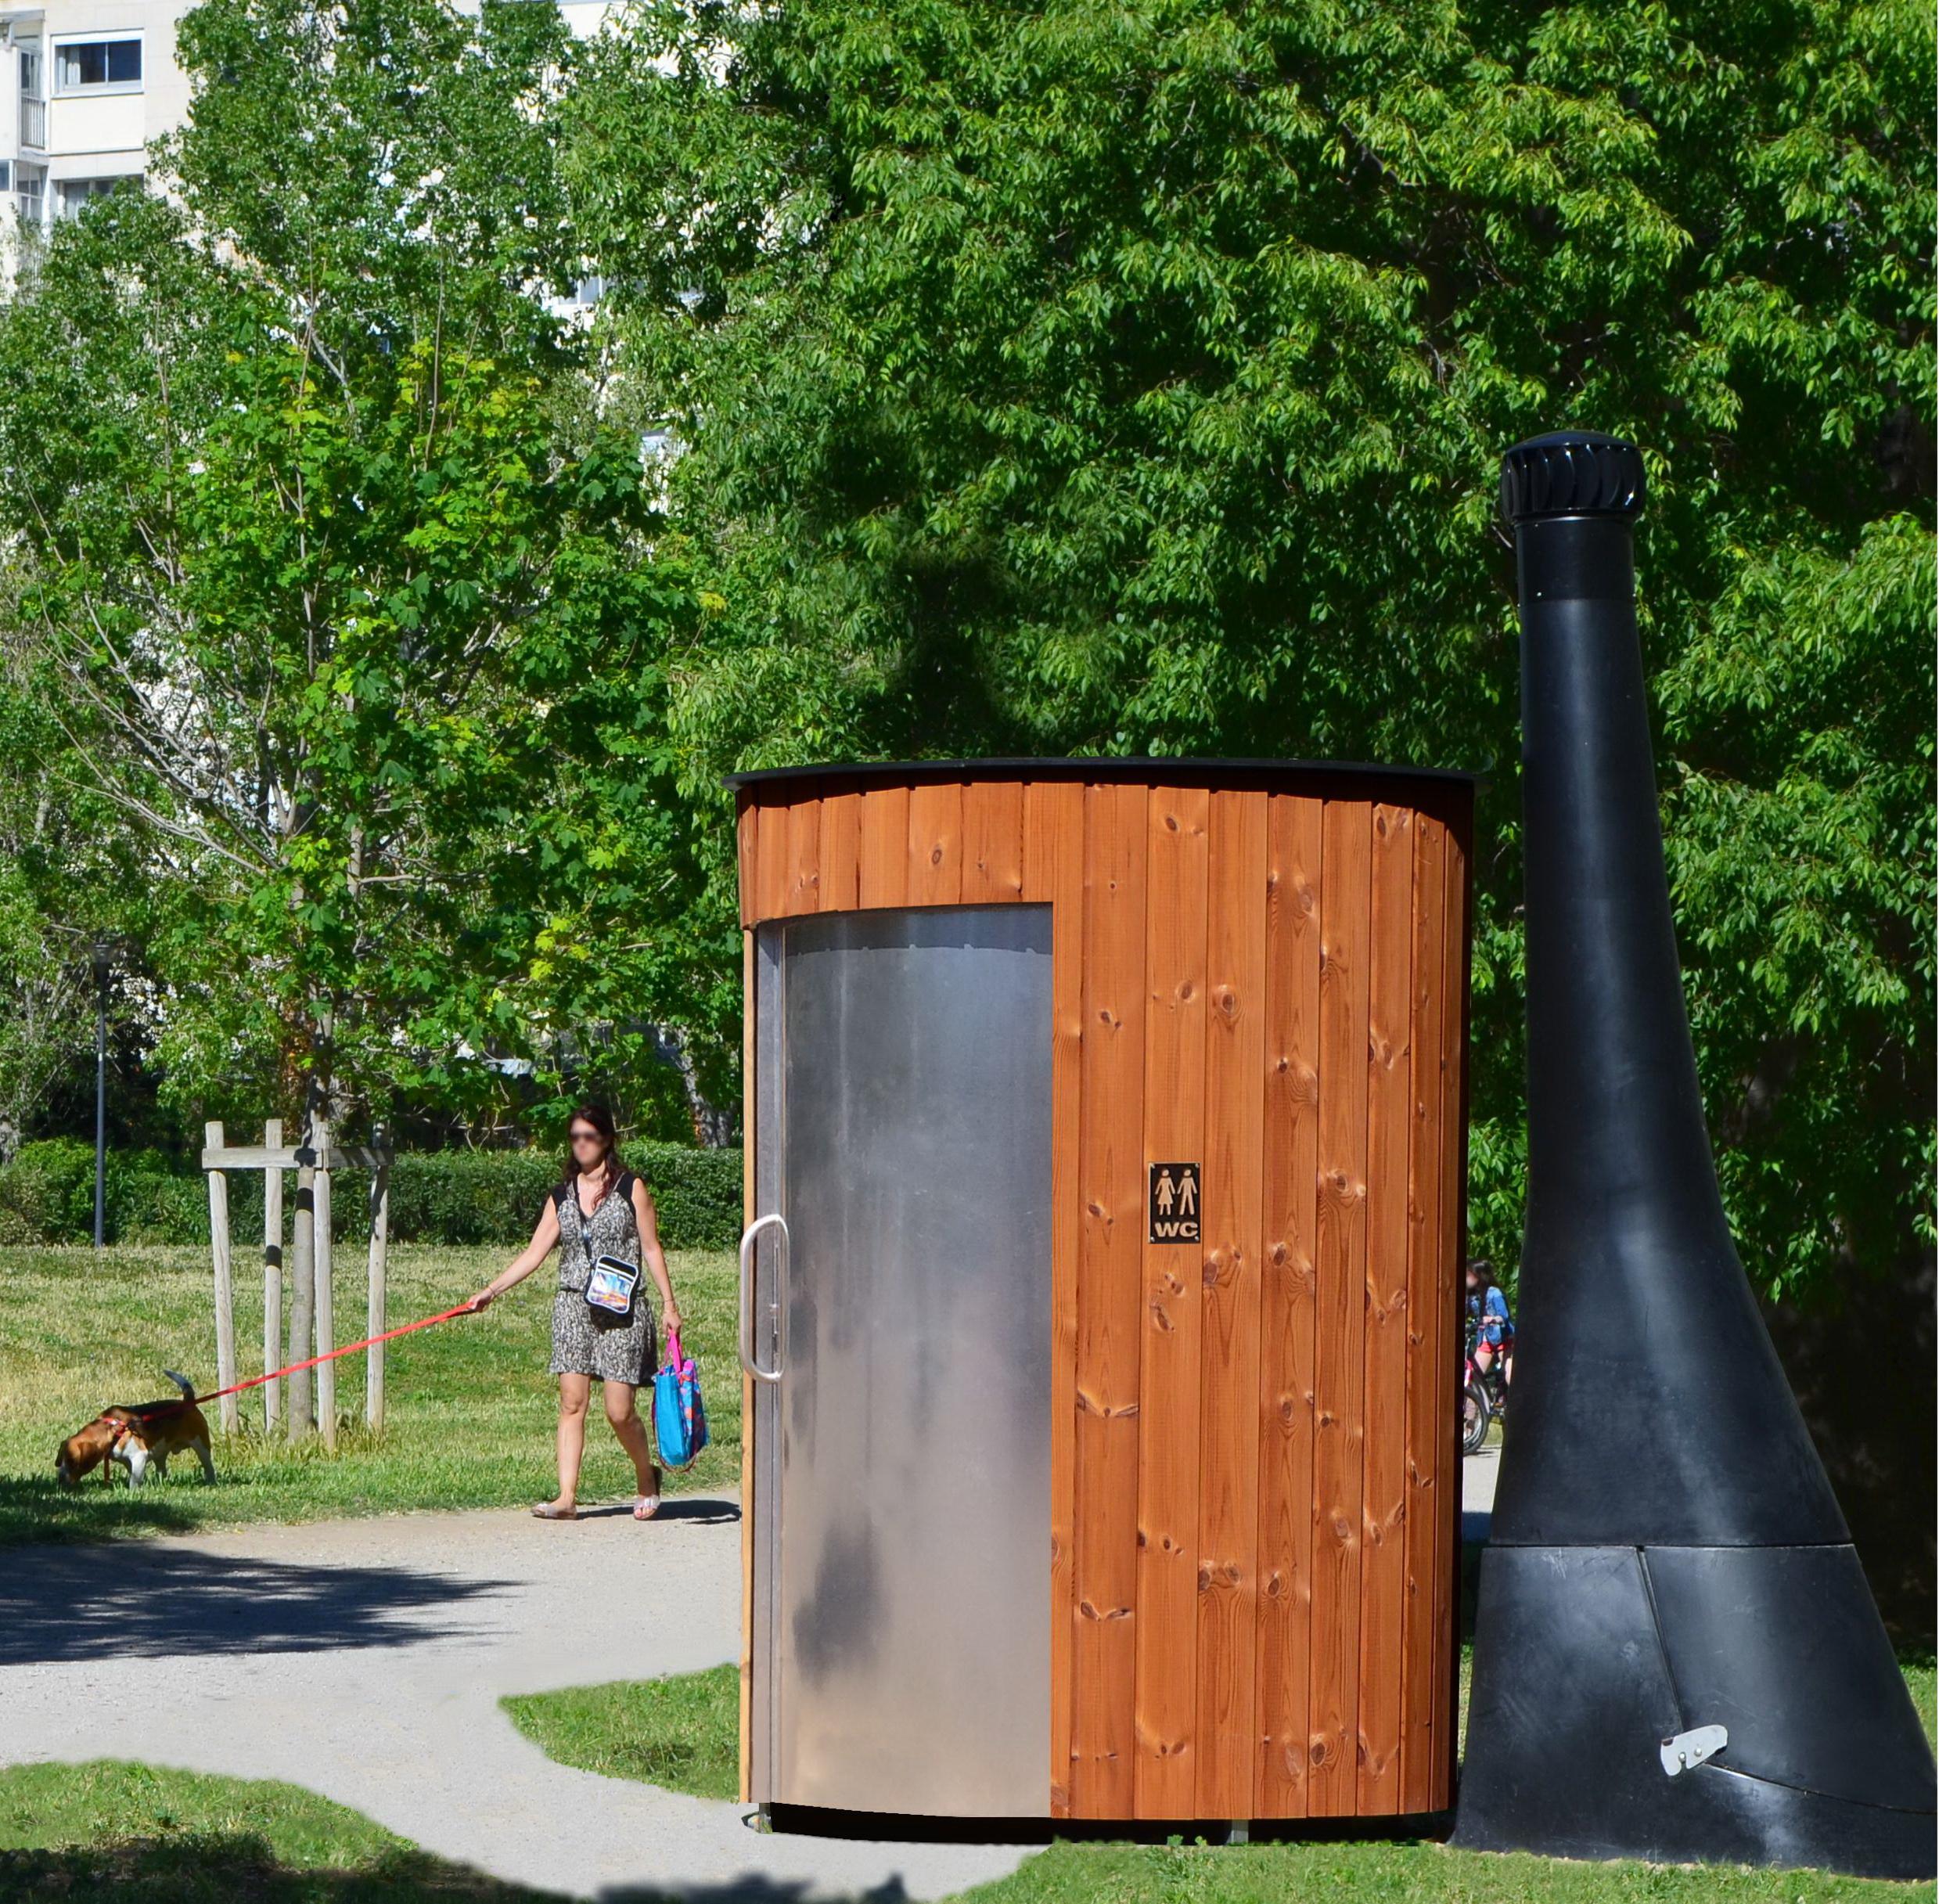 Eine Kazuba-Toilette in einem Stadtpark